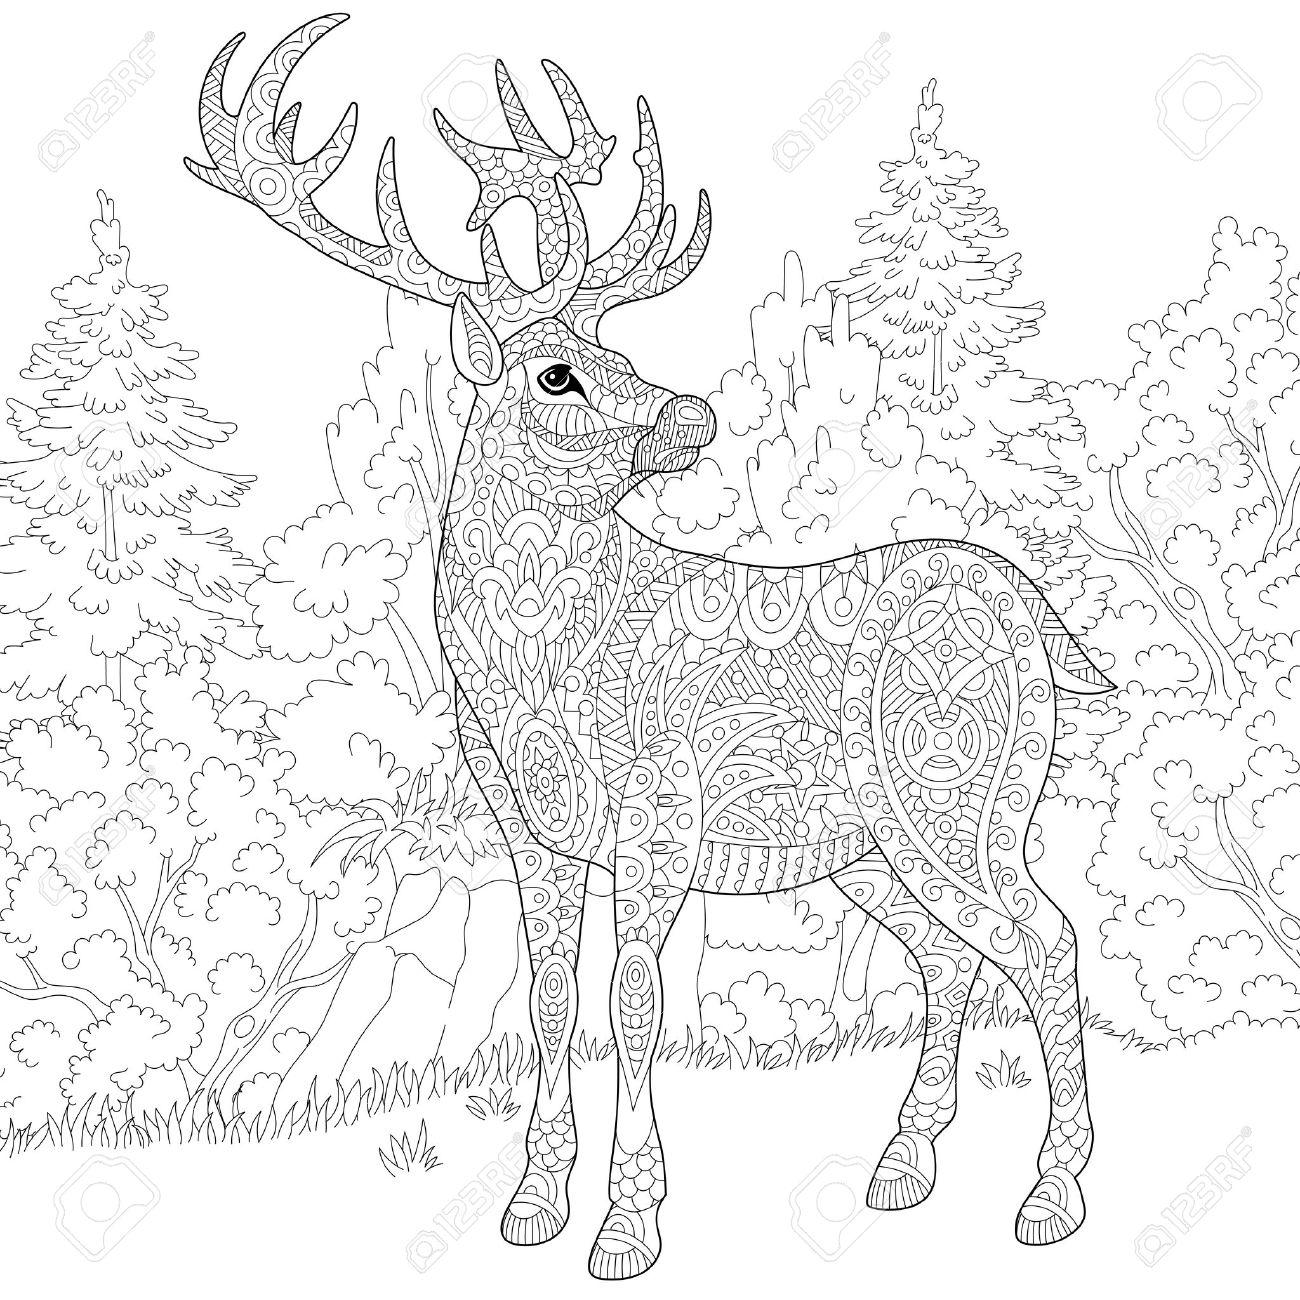 Stilisierten Cartoon-Hirsch (Hirsch, Weihnachten Rentiere). Skizze ...